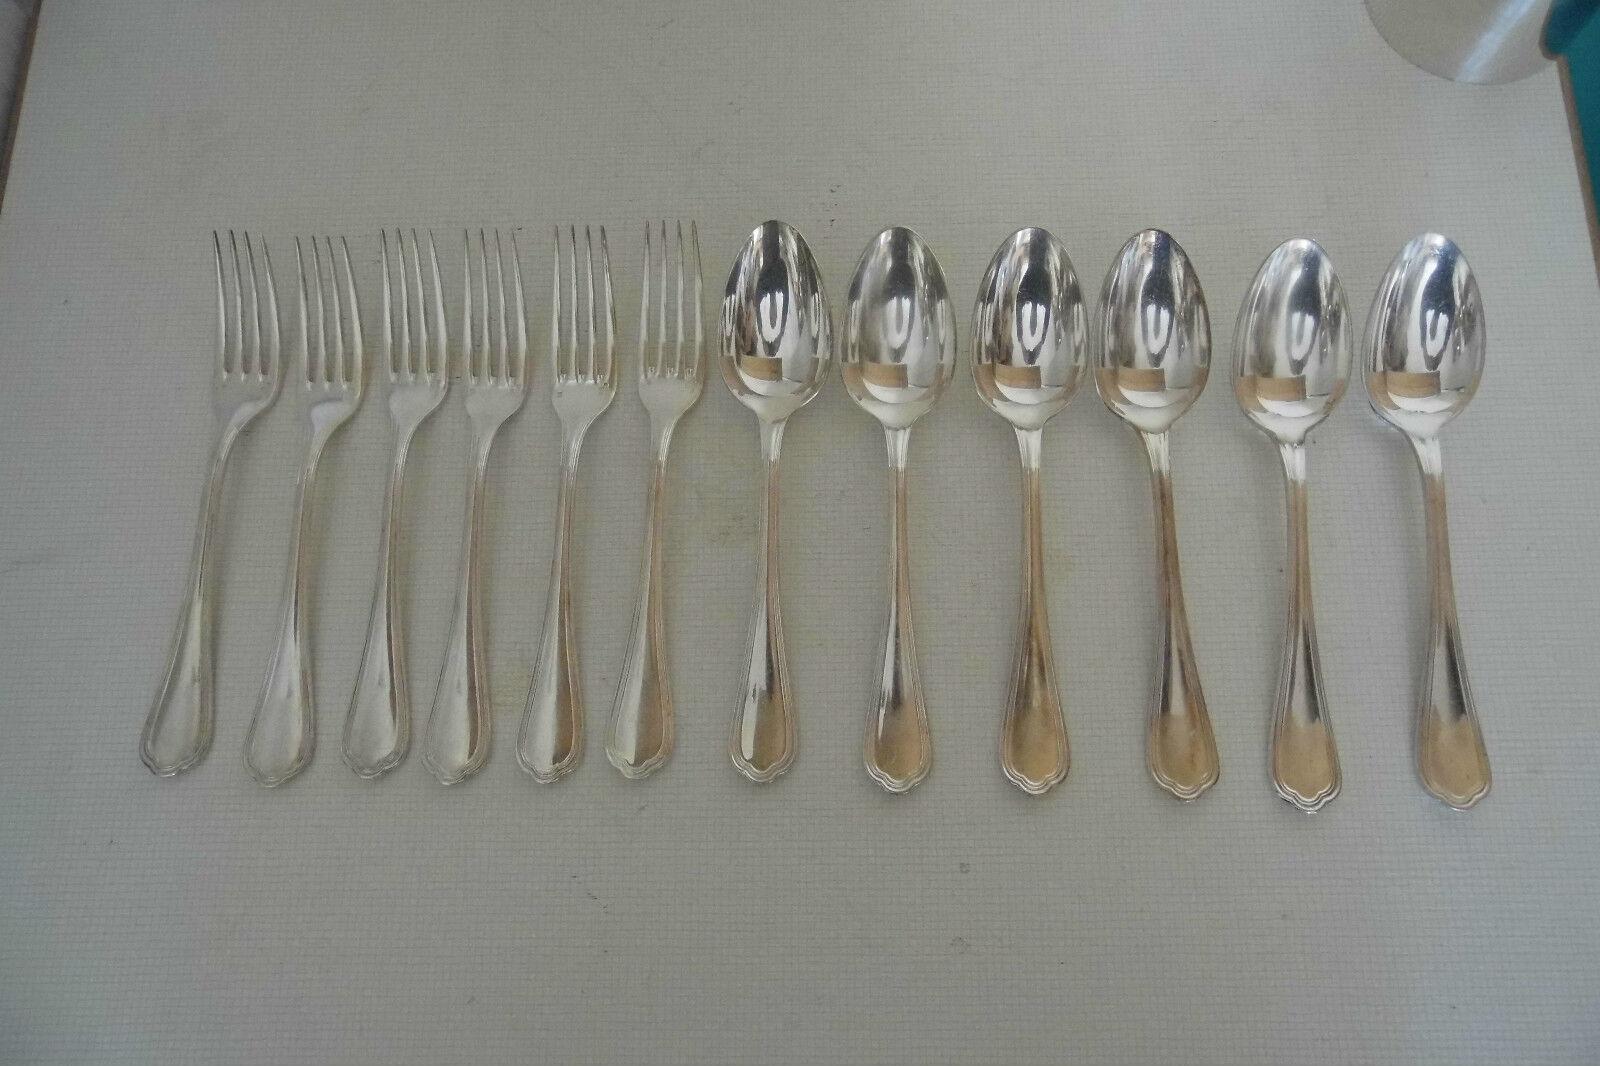 CHRISTOFLE 6 couGrüns,(cuillères + fourchettes) en métal Silberé.MODELE SPATOUR.